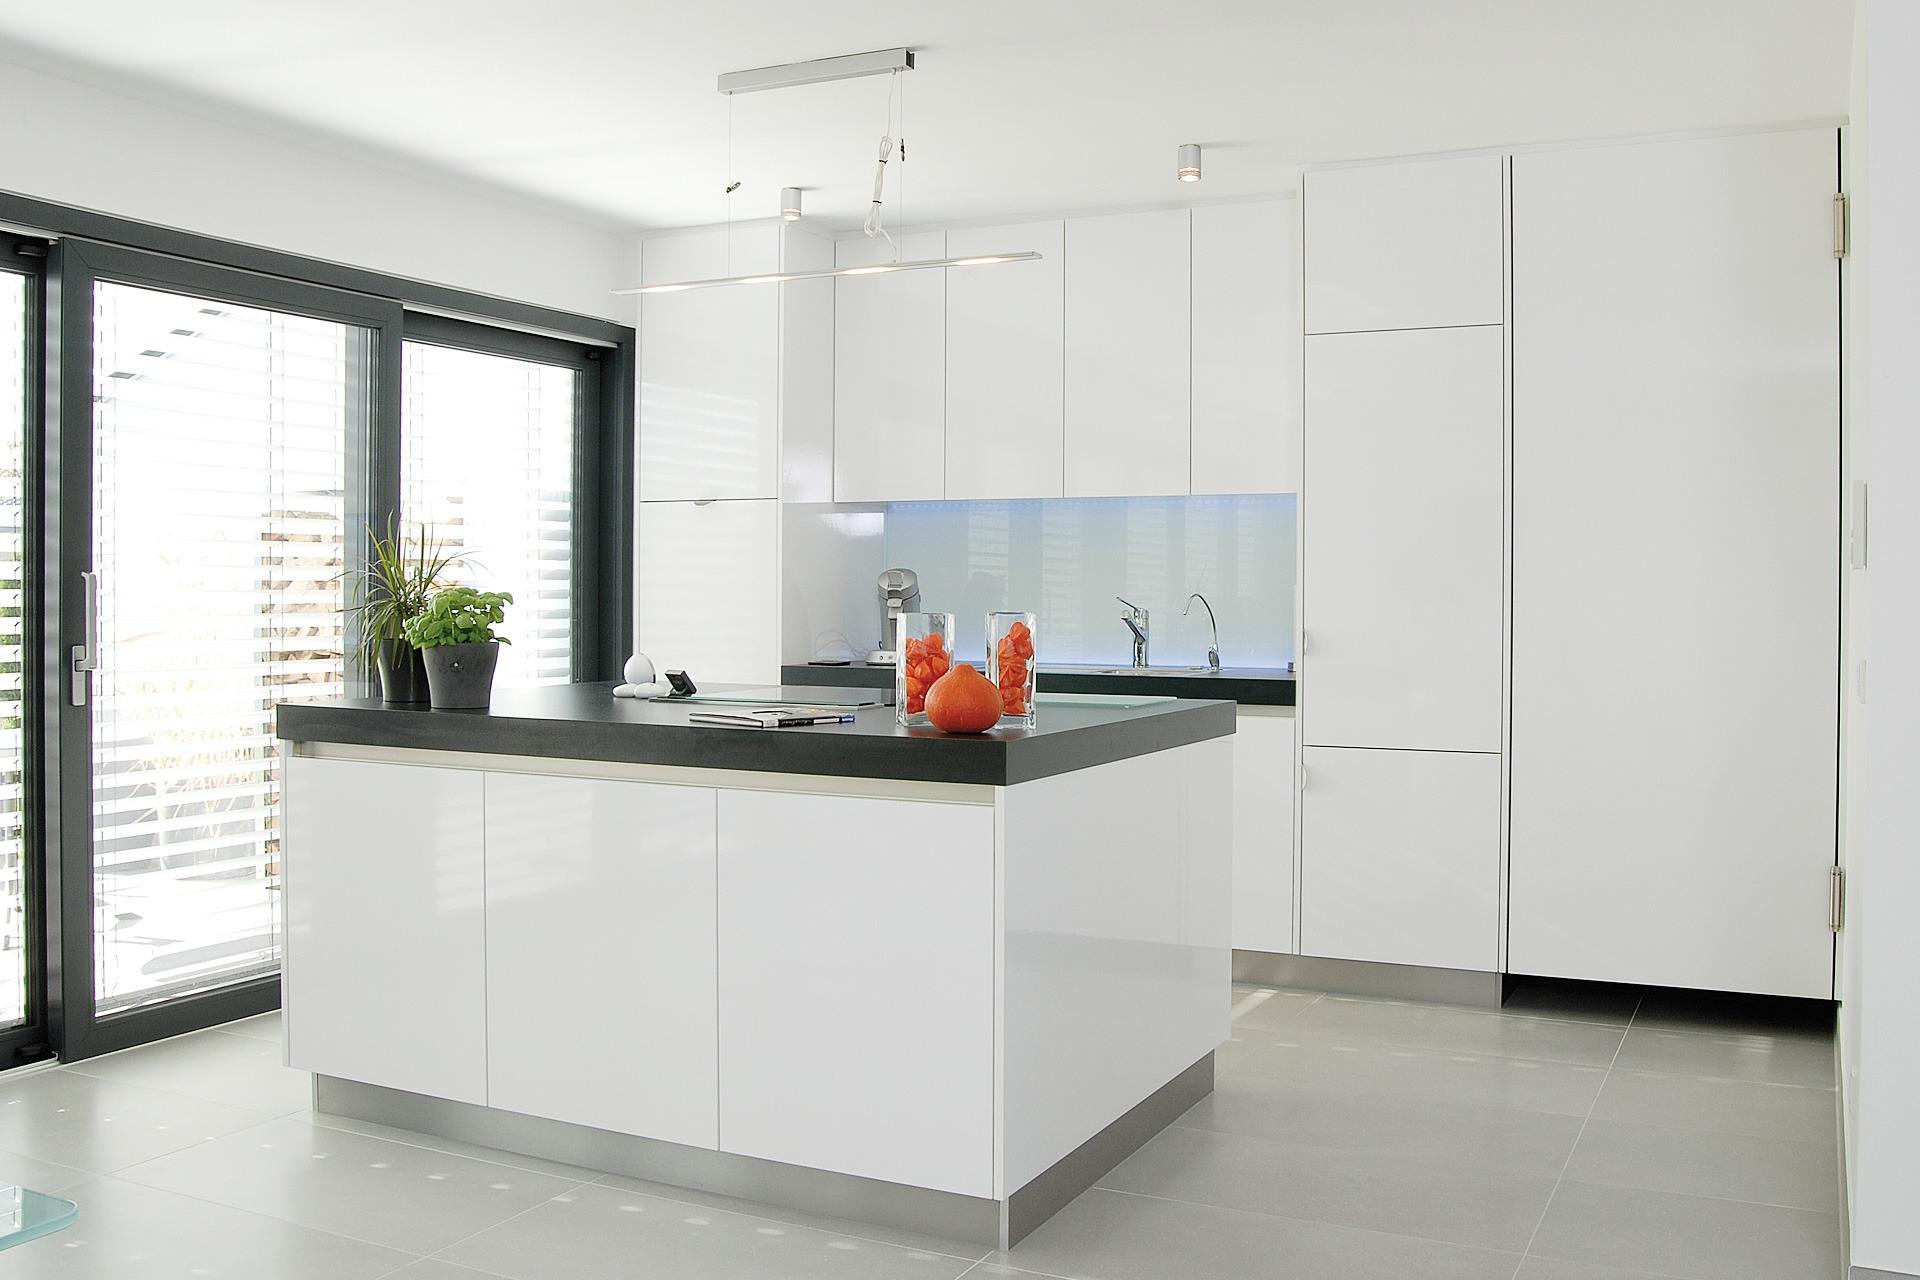 Ausgezeichnet Bester Preis Für Küchenschränke In Nj Galerie - Küche ...